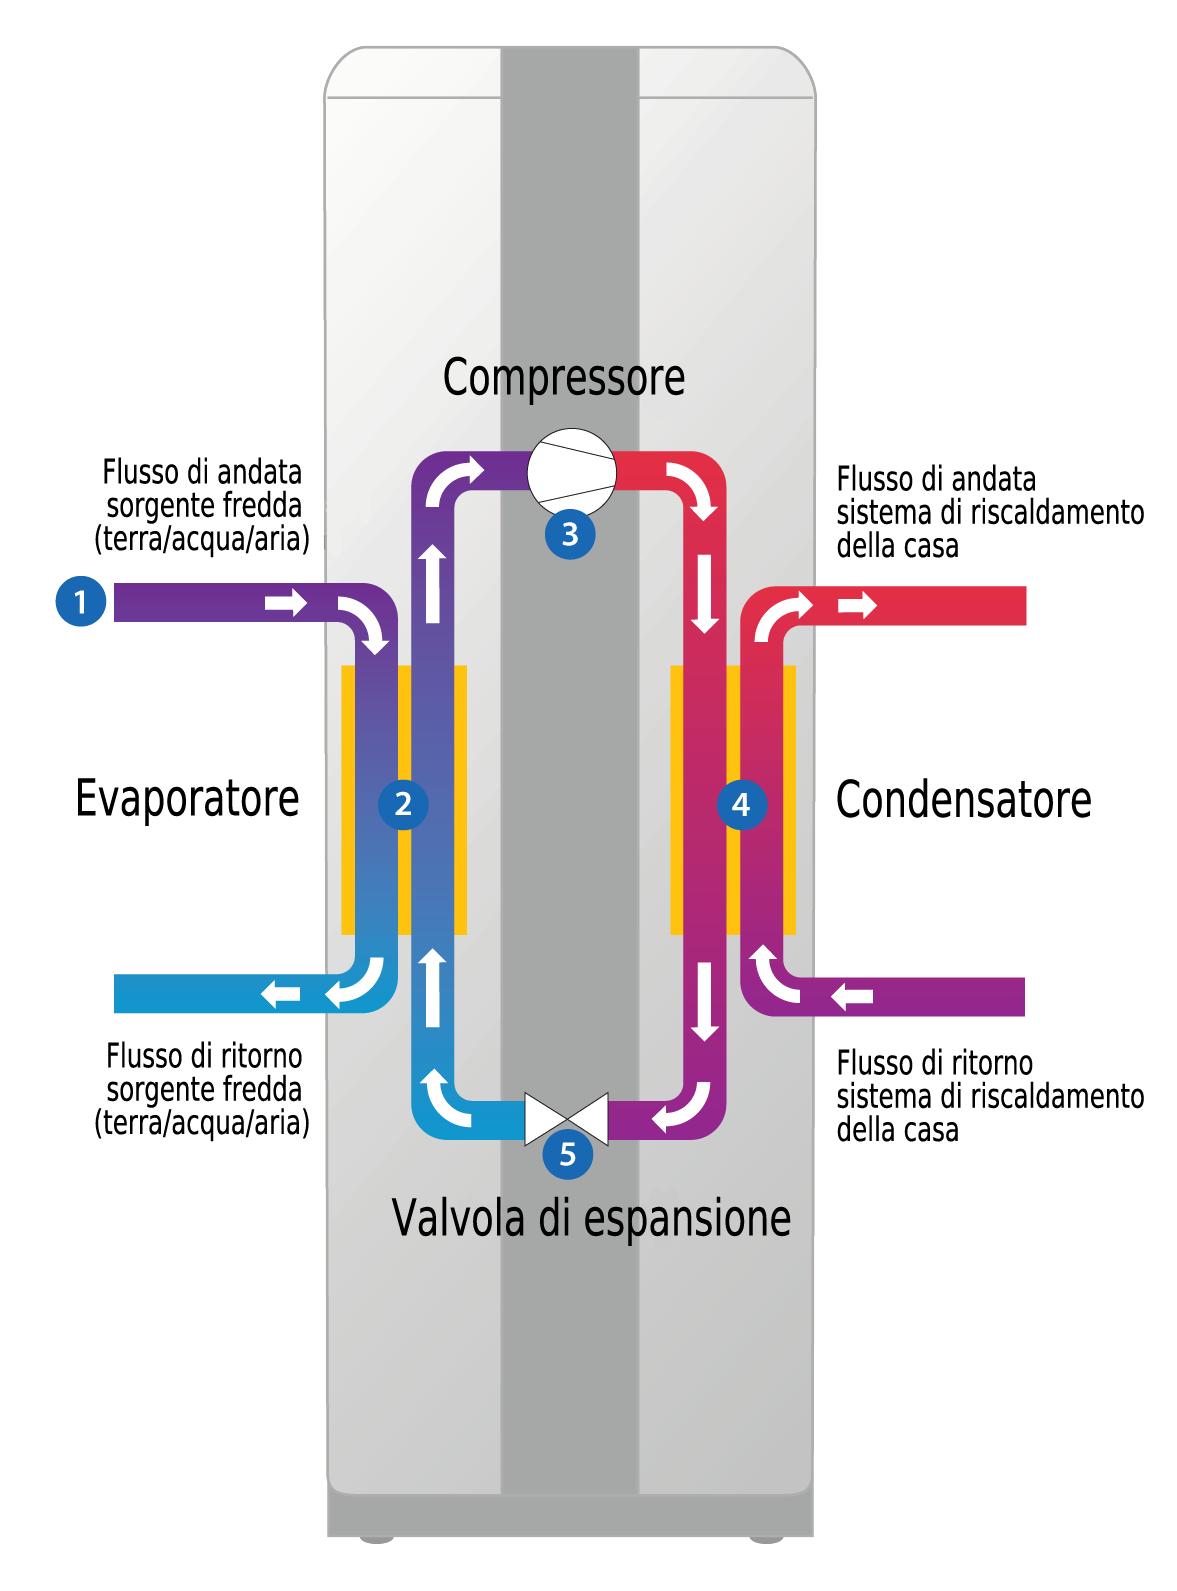 Funzionamento della pompa di calore icaro srl - Non esce acqua calda dallo scaldabagno ...